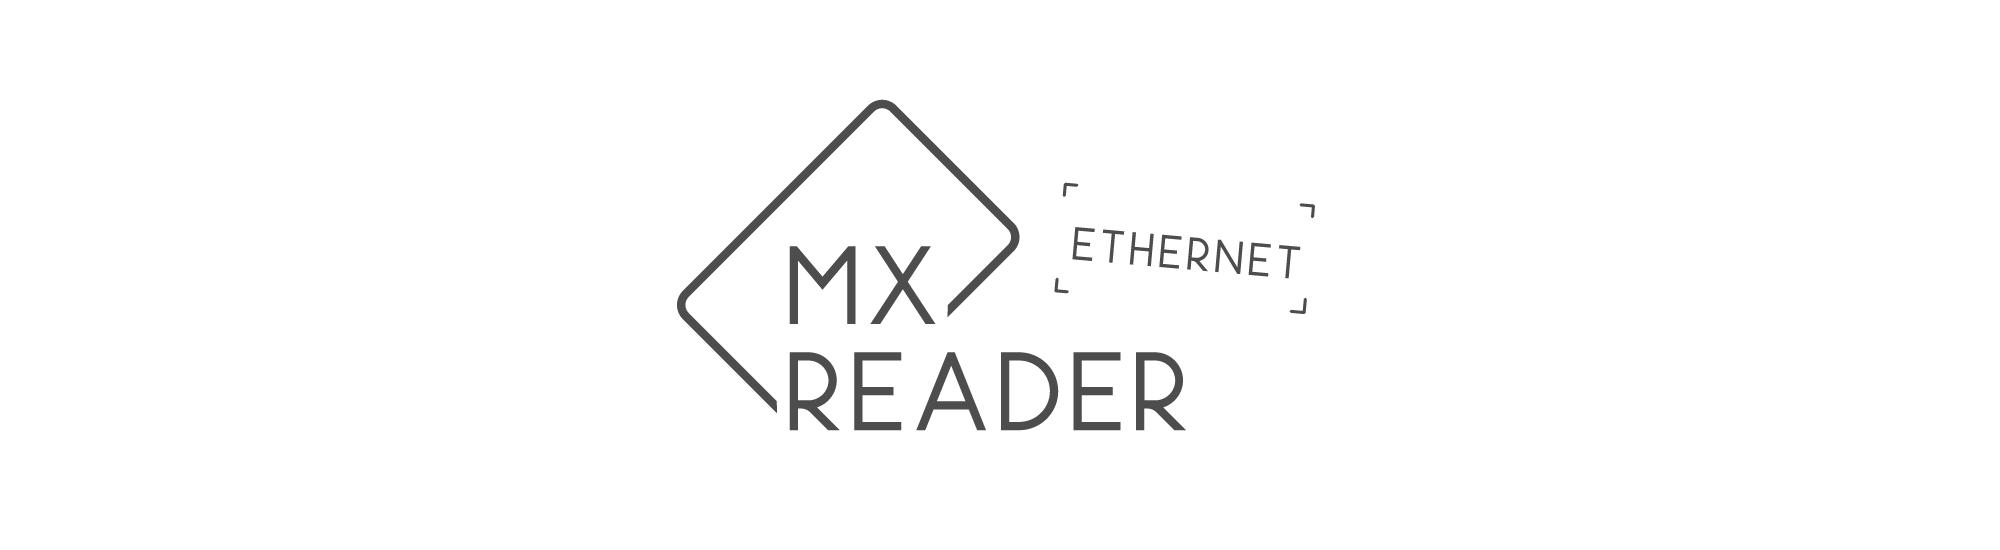 MXreader ethernet